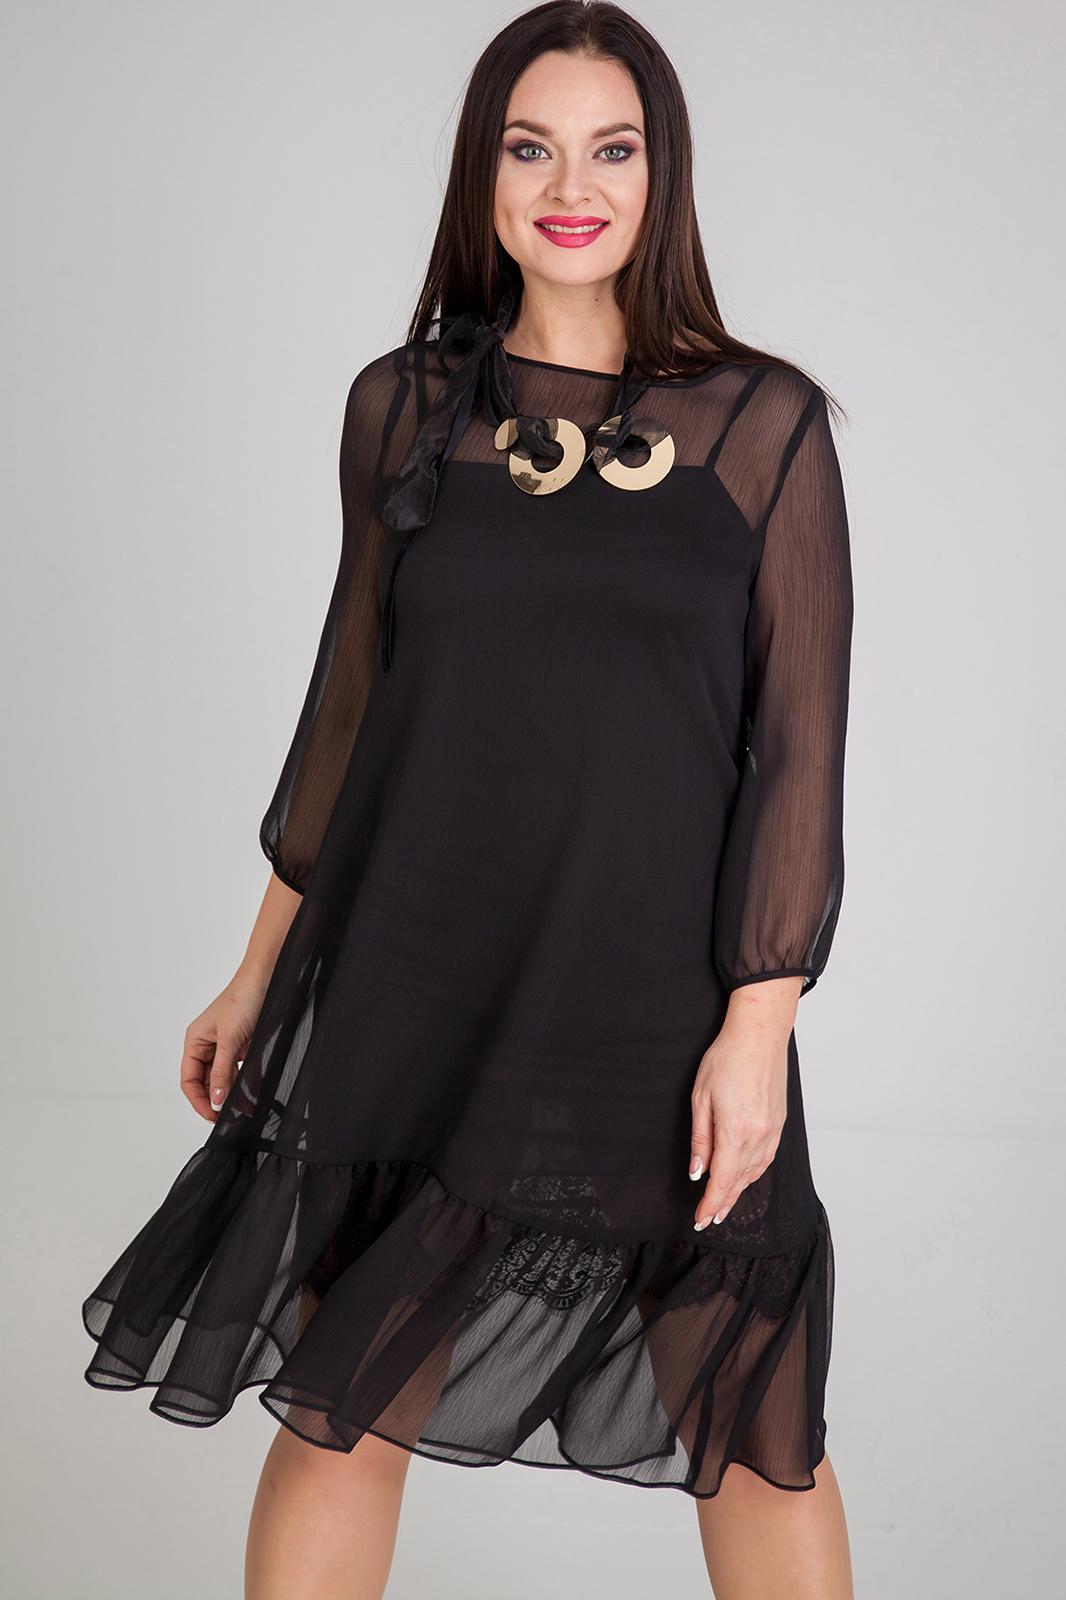 Женская Одежда Плюс Большие Размеры Доставка